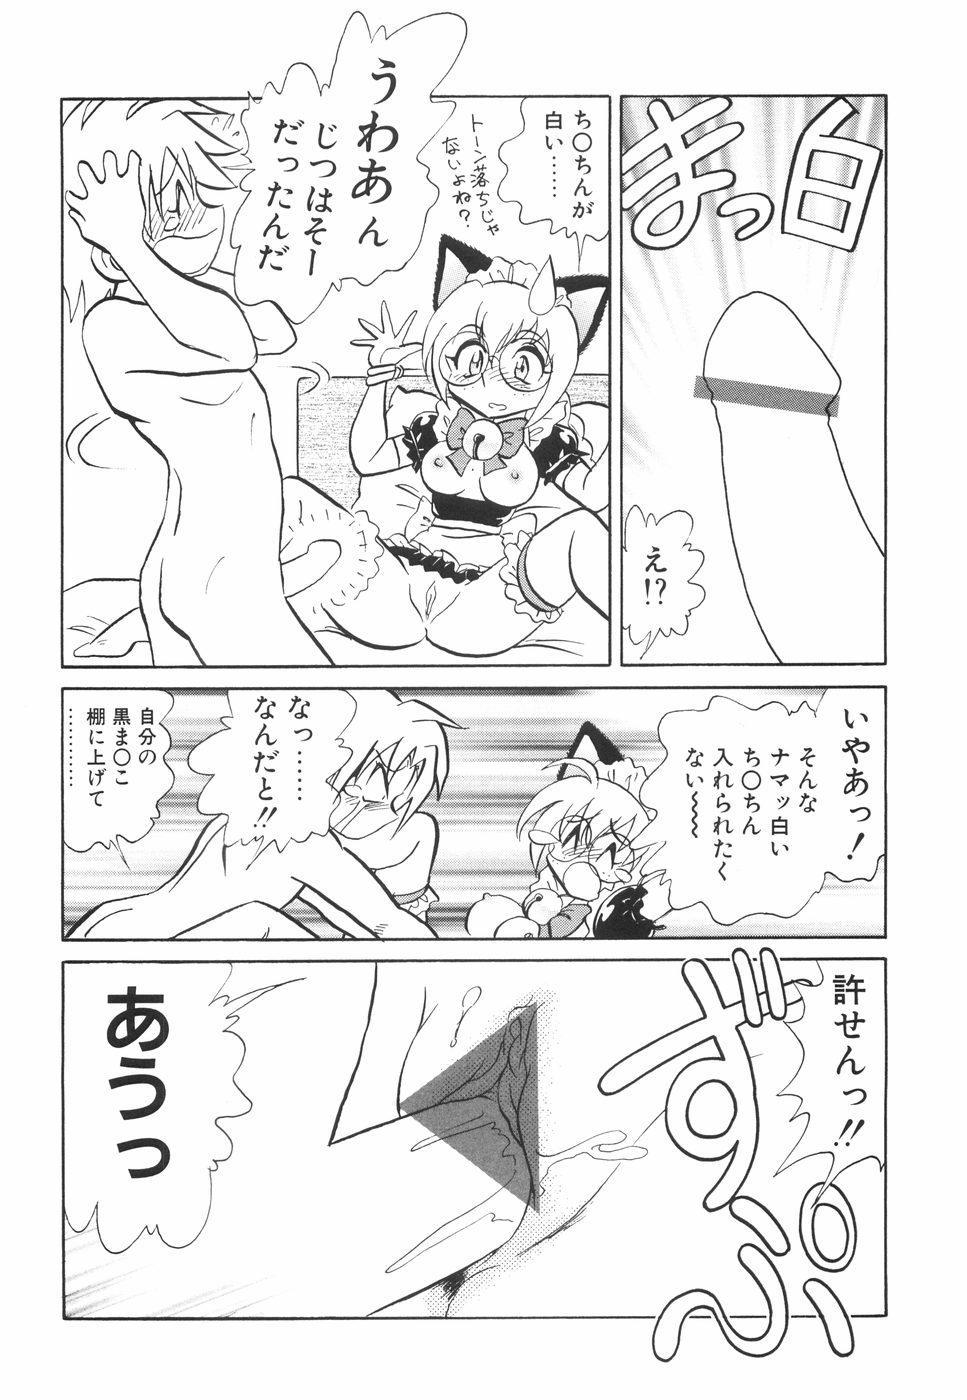 Hazukashime no Jikan 104